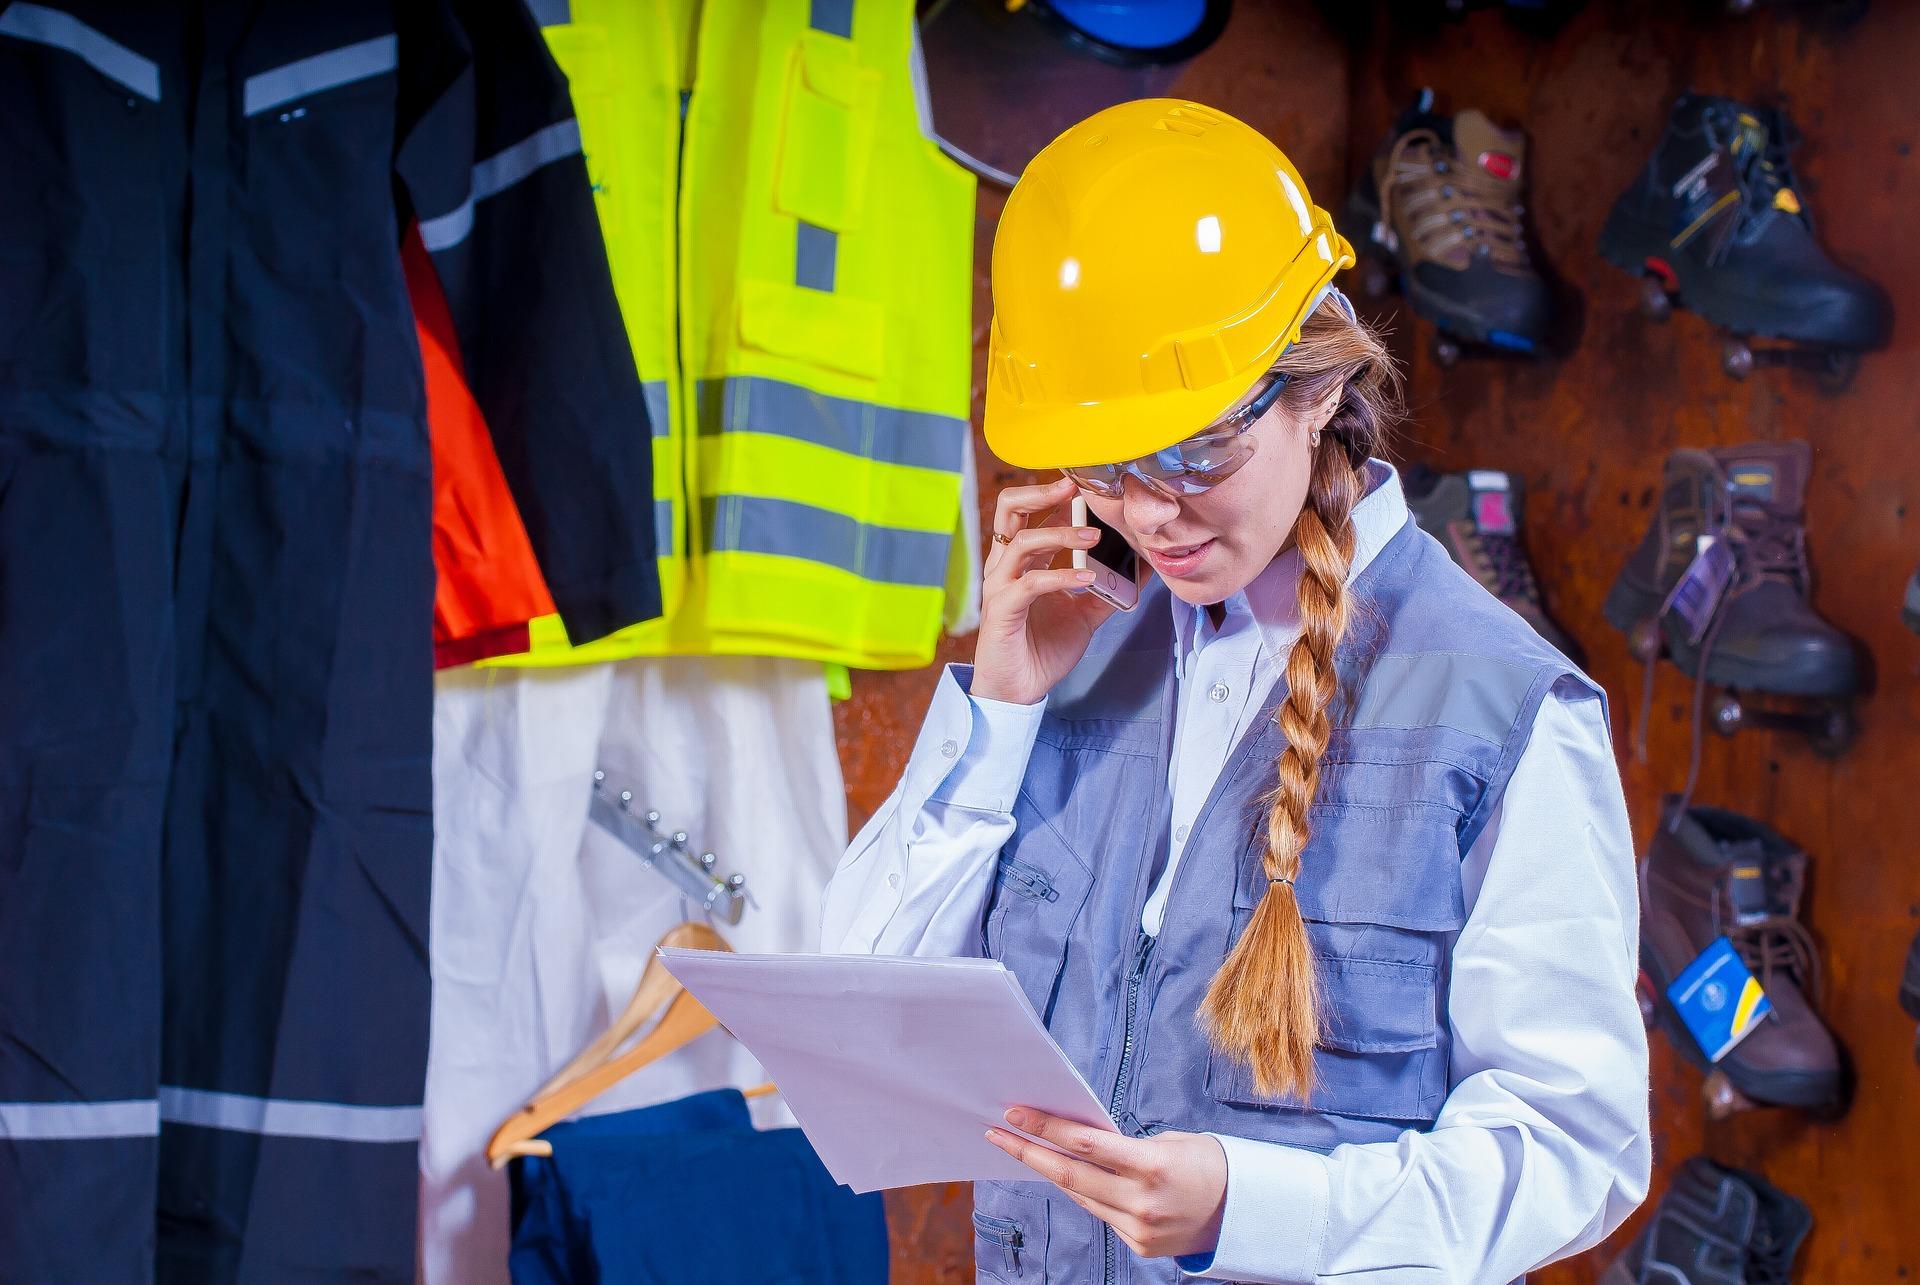 La prévention en situation :photo d'une jeune femme qui réalise un diagnostic préable pour la prévention des risques et pour la sécurité